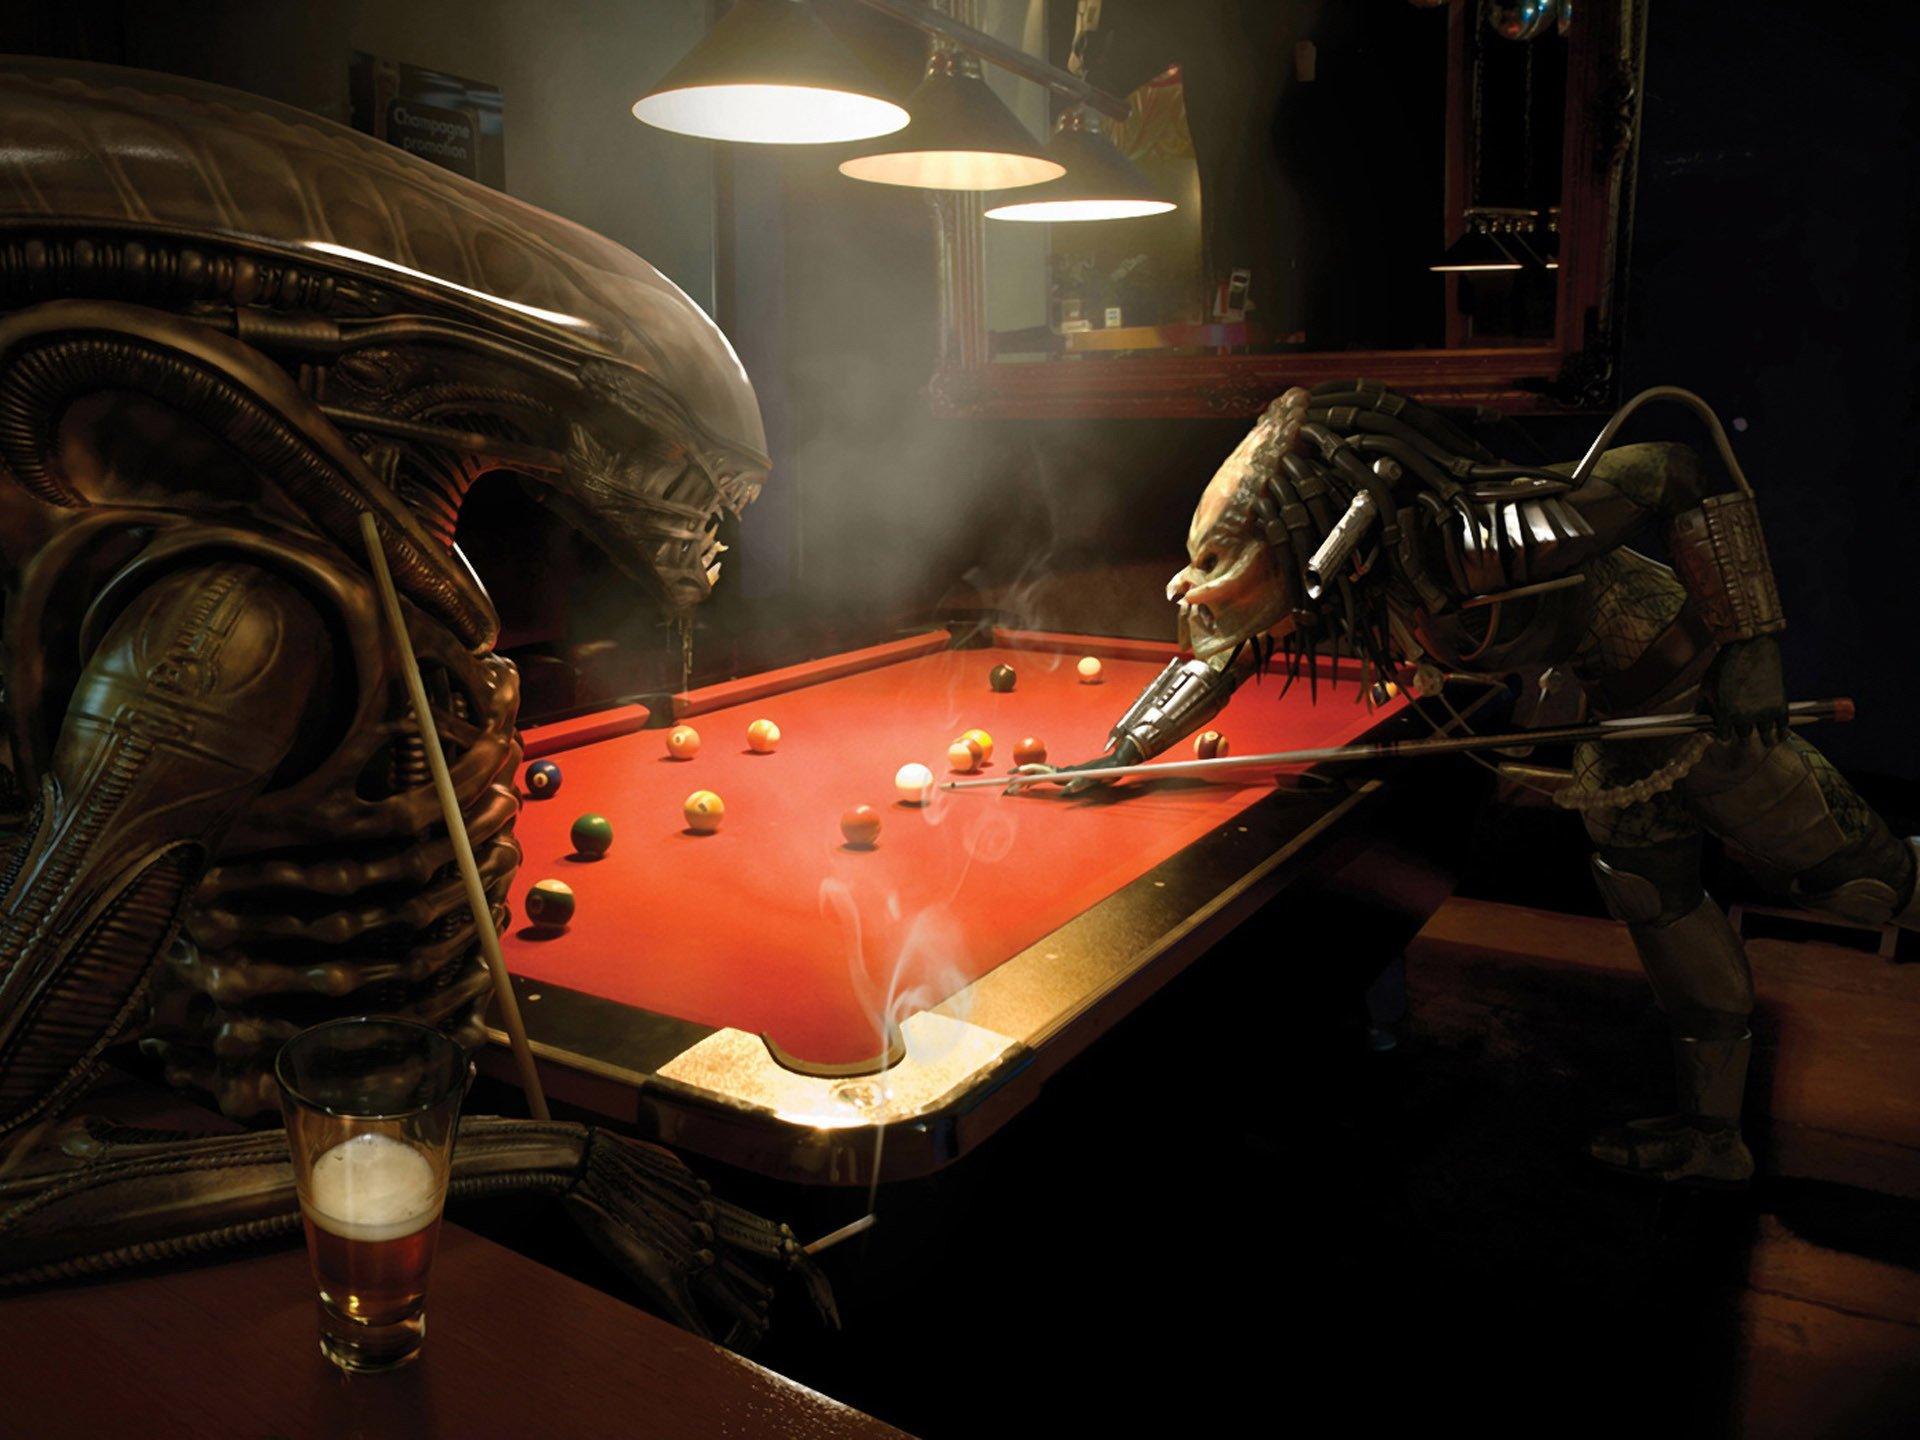 Обои скелет, чужой, удивляется, череп, живописи, земной. Фантастика foto 7